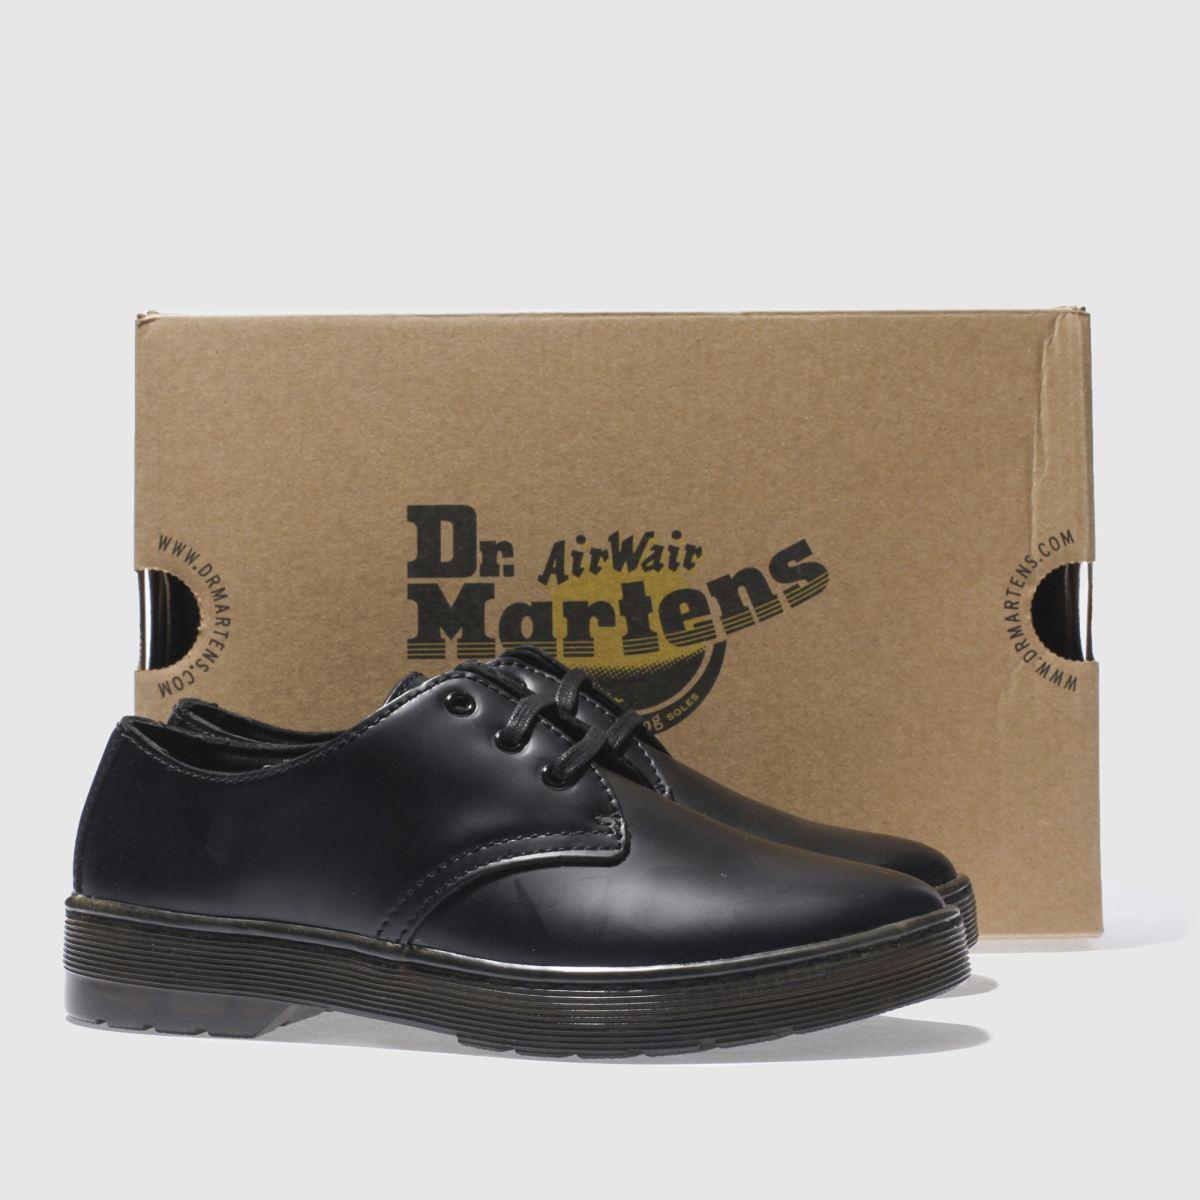 Damen Schwarz dr martens Cruise Gizelle 3 Eye Flats | Schuhe schuh Gute Qualität beliebte Schuhe | 658468